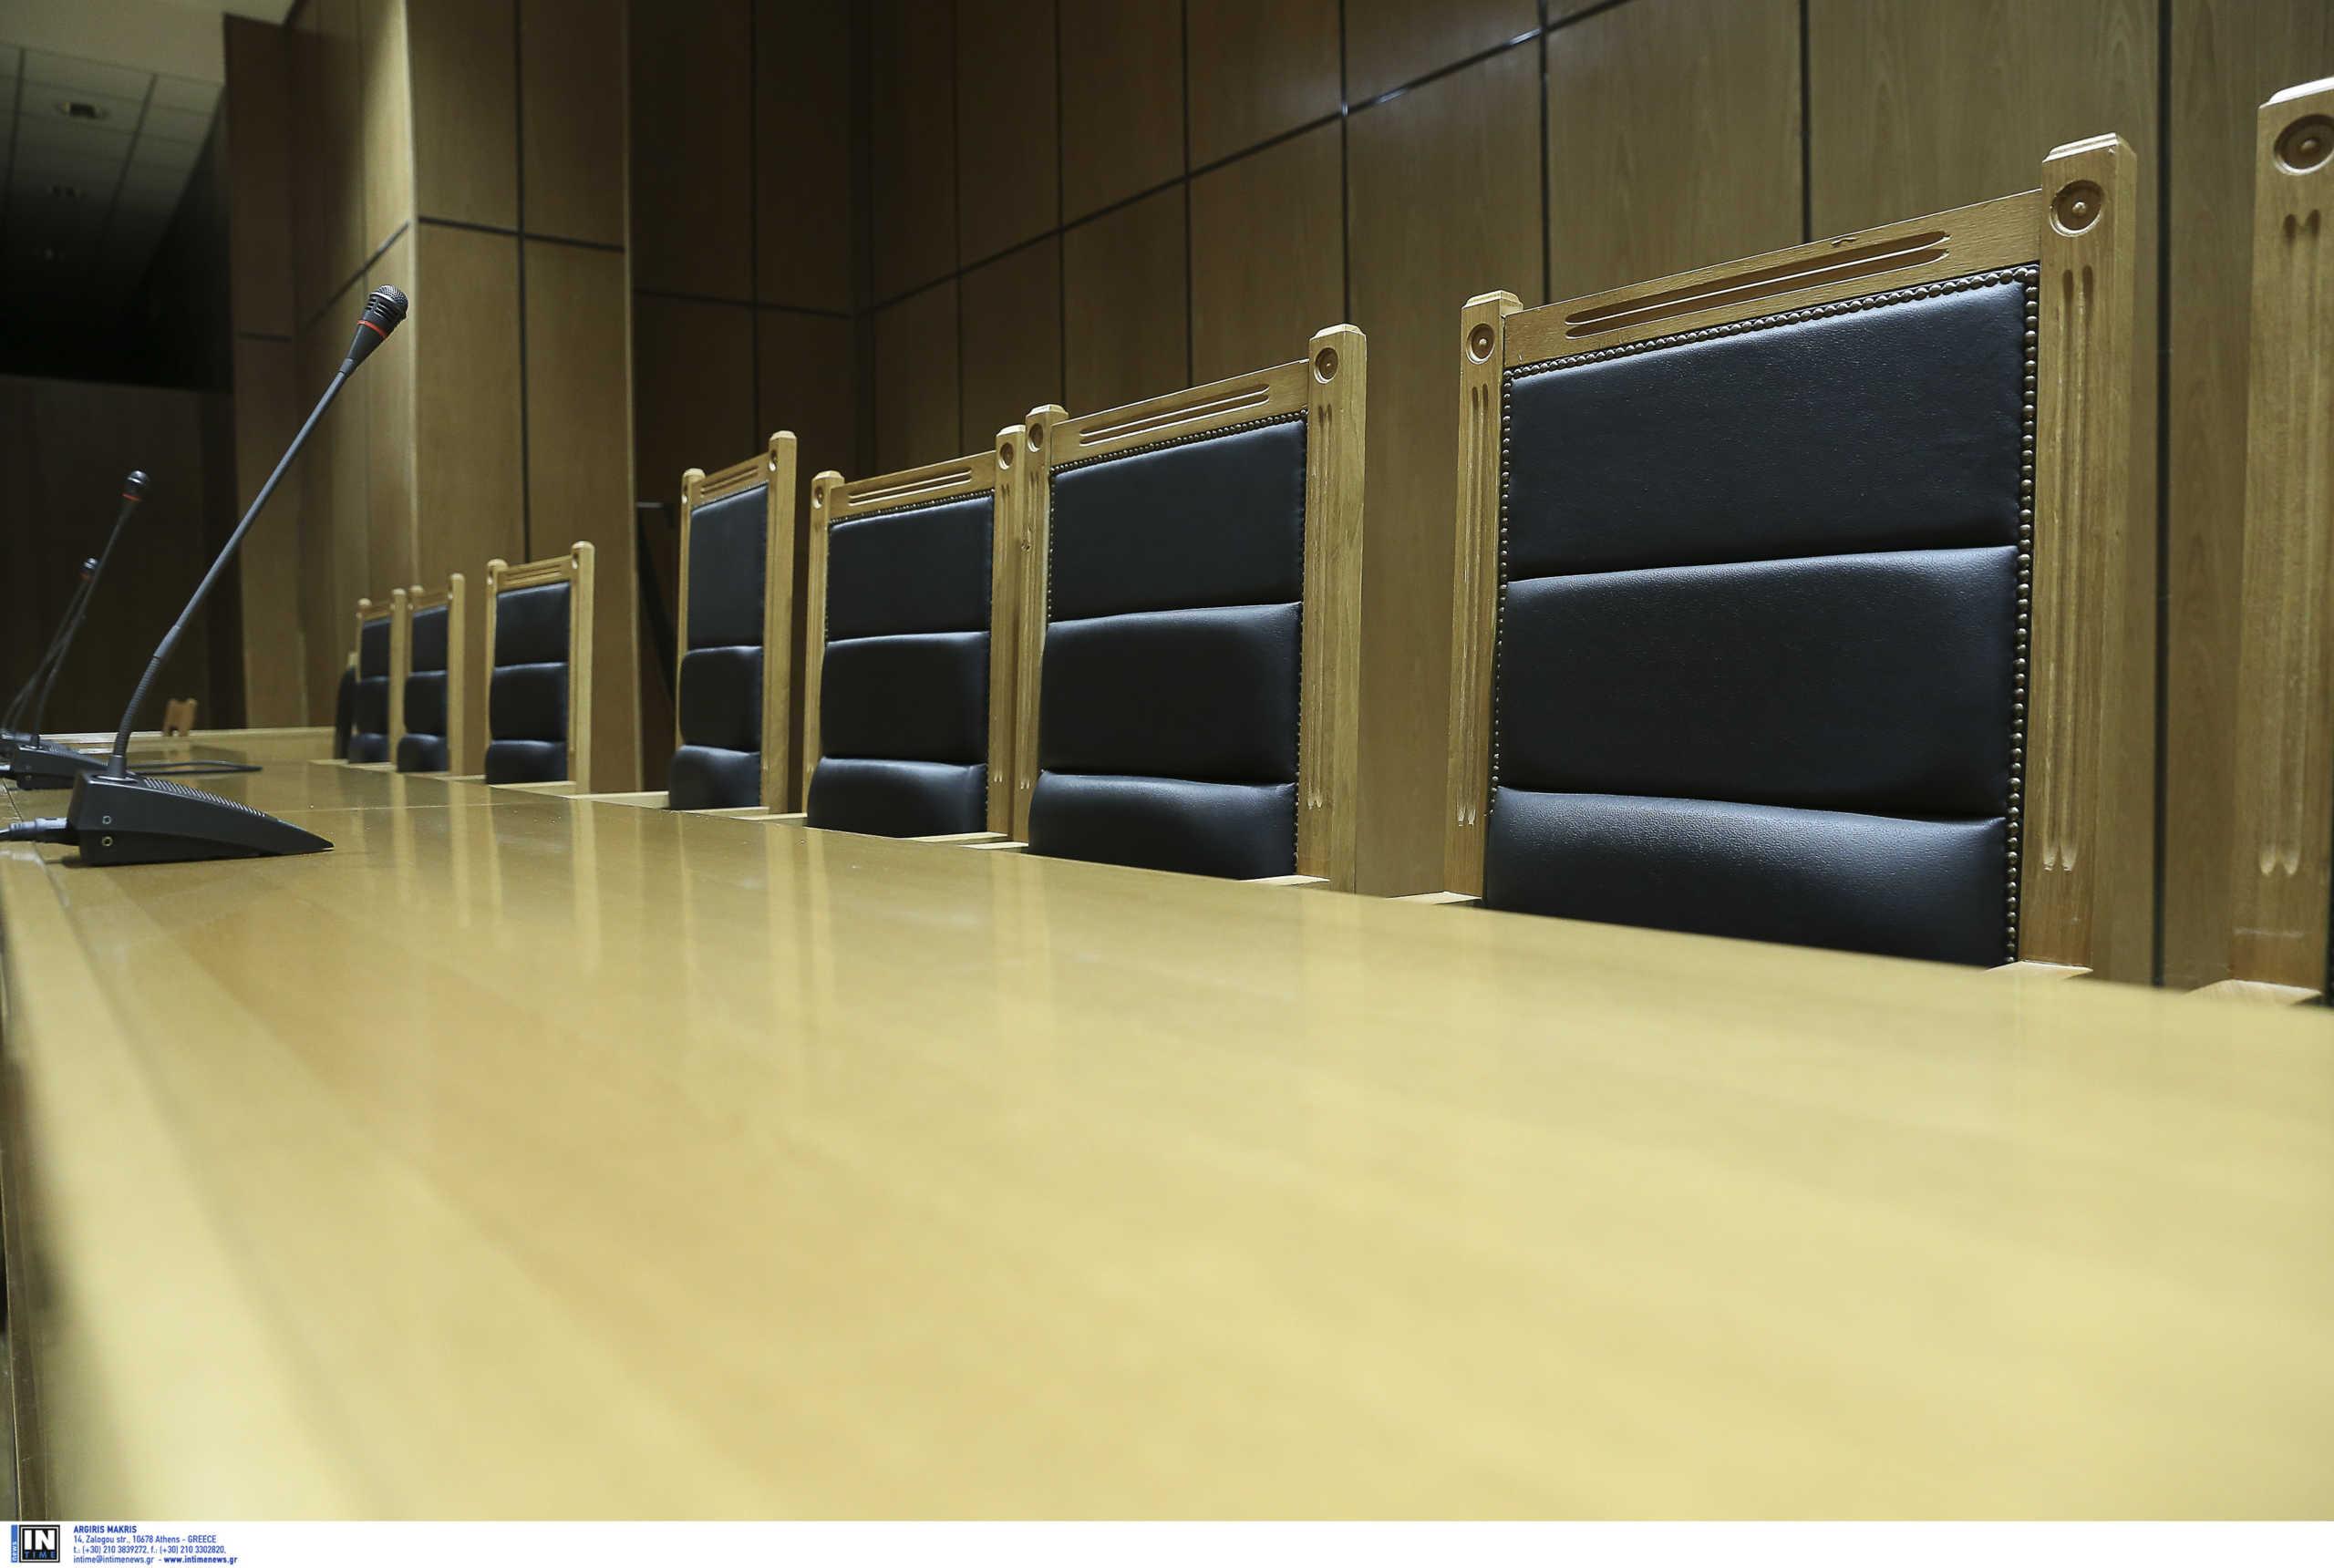 Σχέδιο νόμου υπουργείου Δικαιοσύνης: Δημιουργούνται δύο νέοι κλάδοι δικαστικών υπαλλήλων